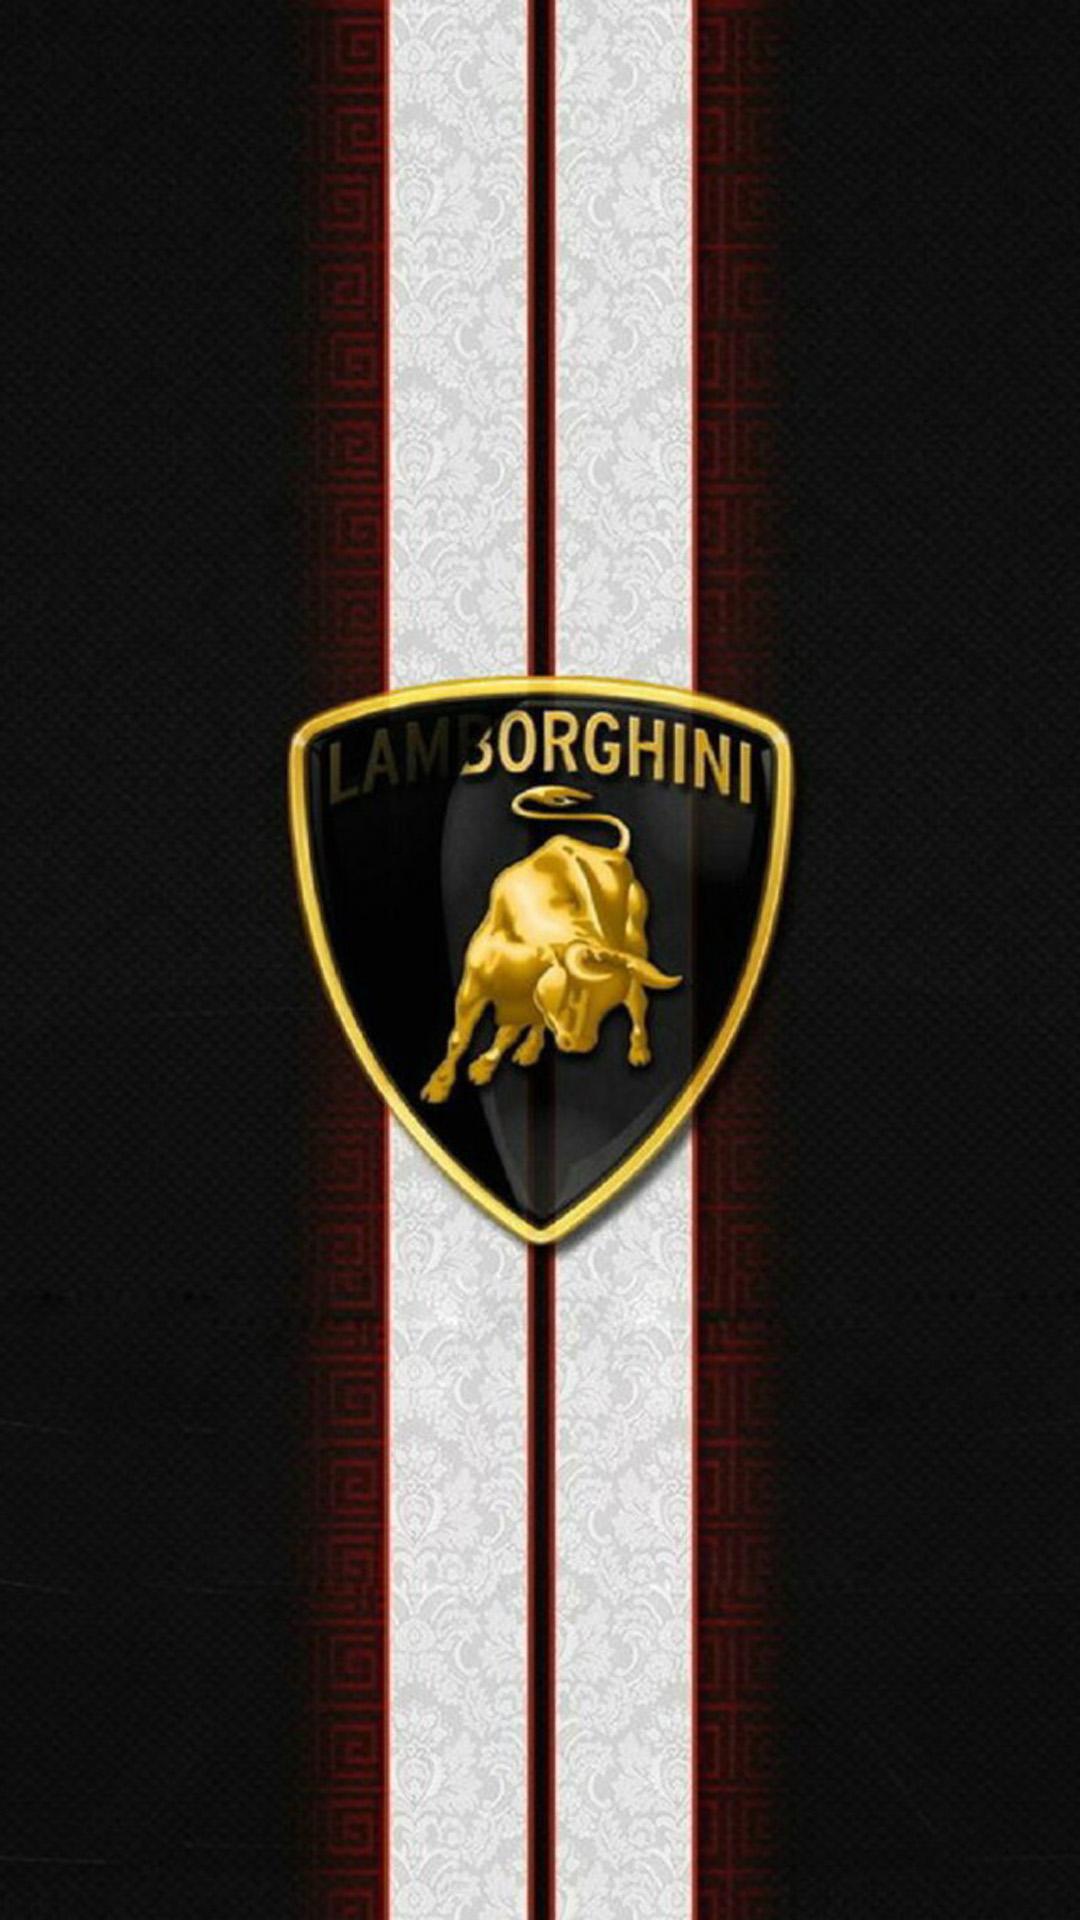 Lamborghini Logo Wallpaper Lamborghini logo 03 nexus 5 1080x1920